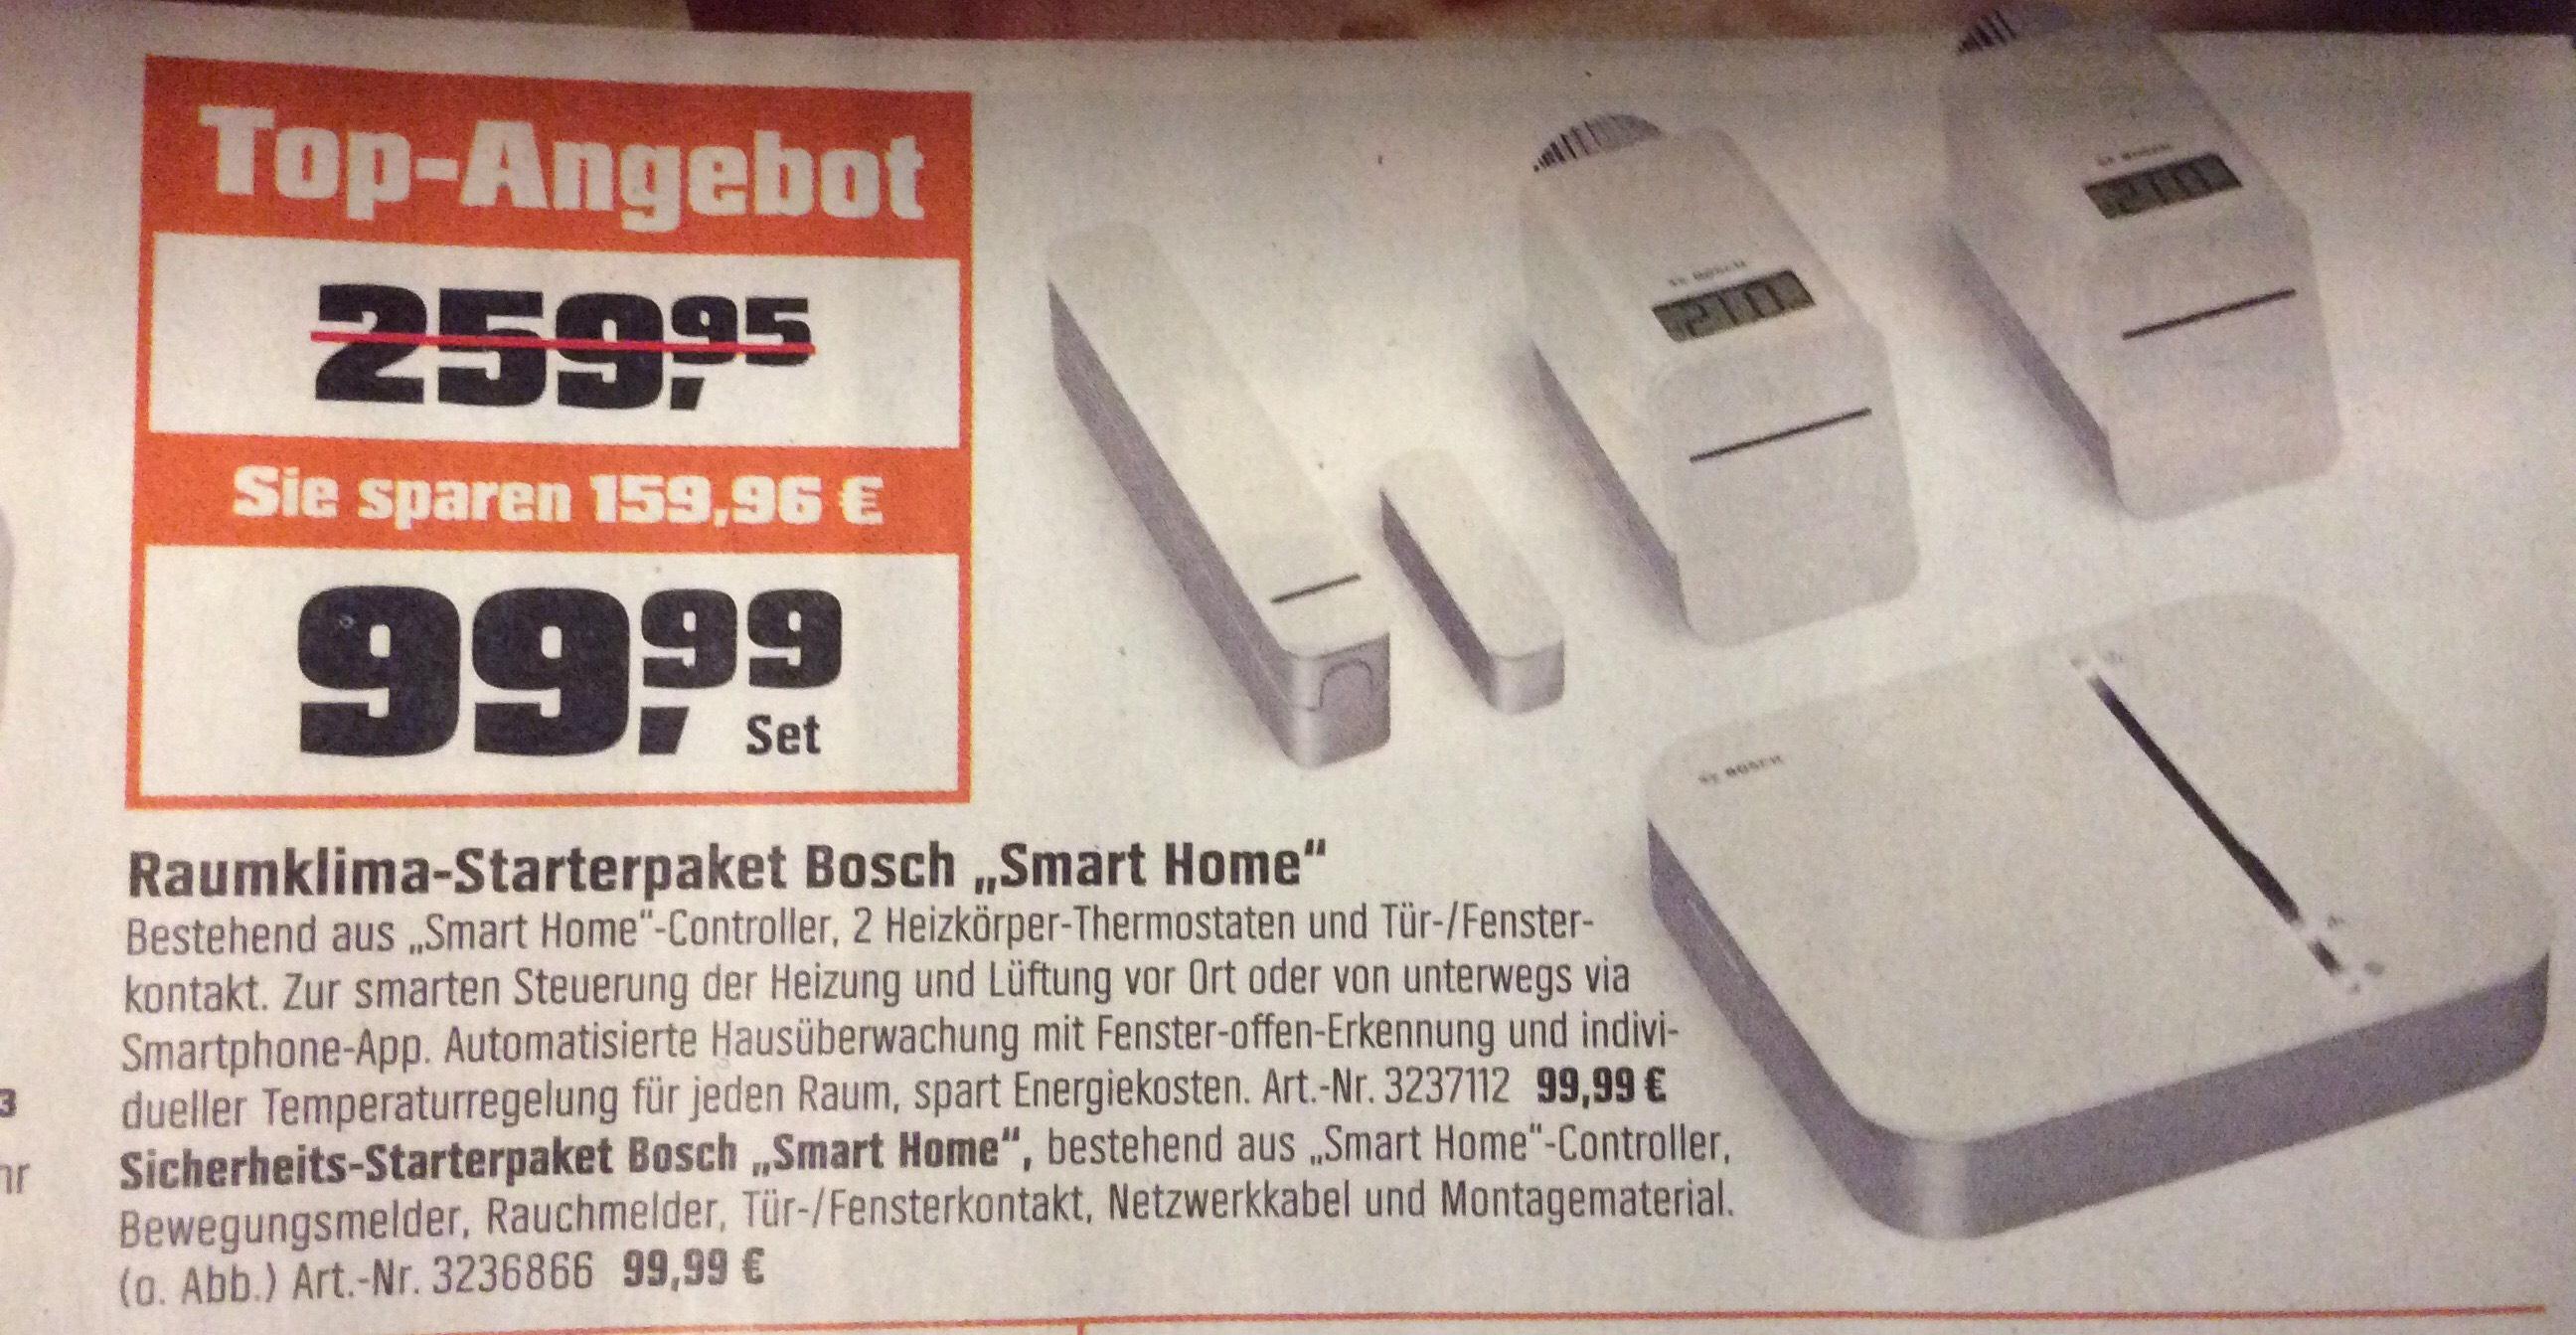 Obi Bosch Raumklima Starterpaket Smart Home oder Sicherheitspaket